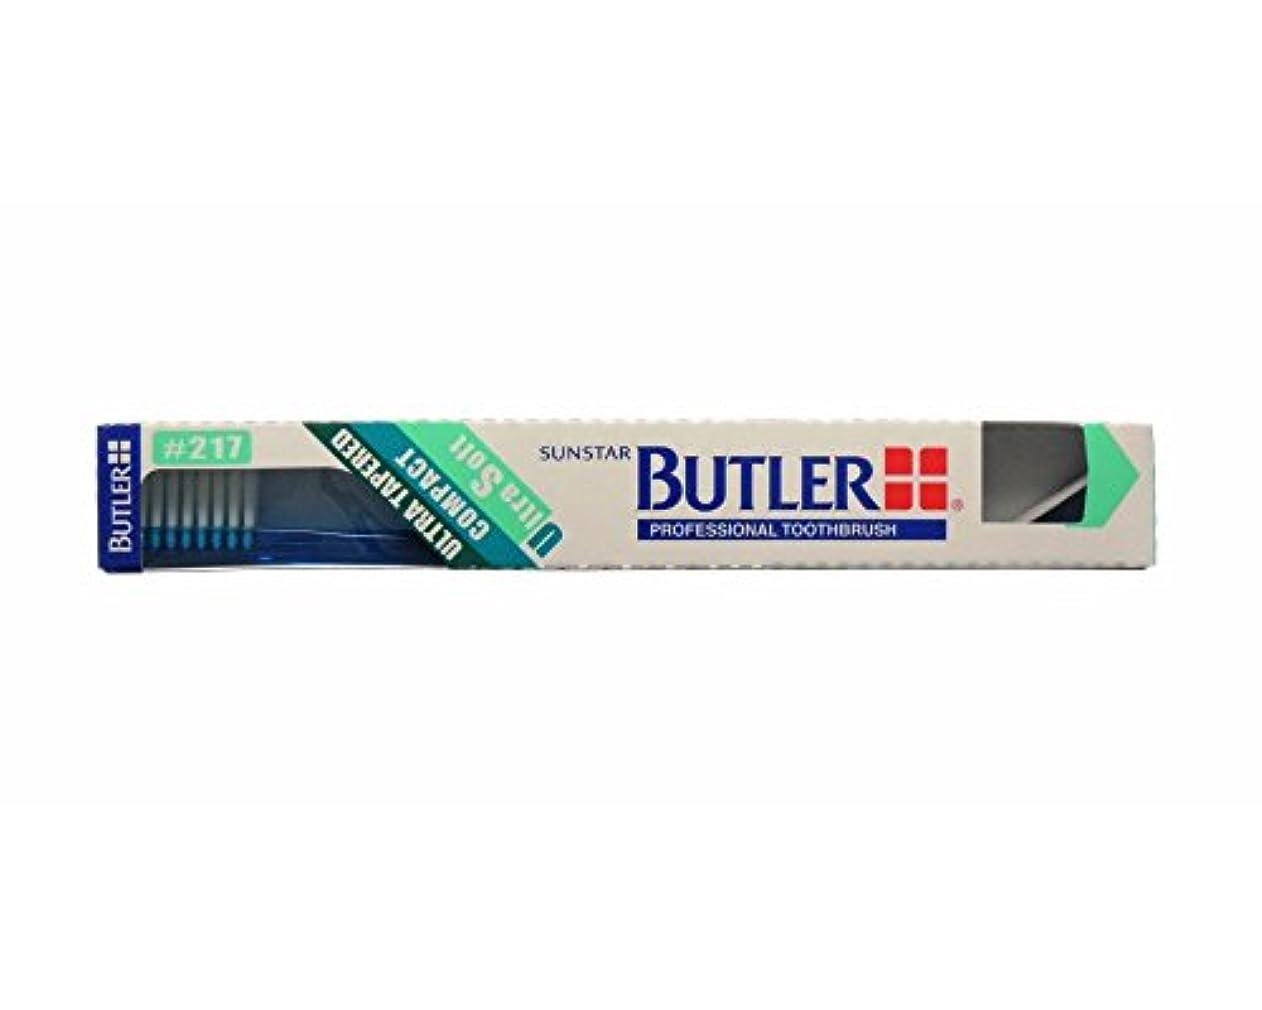 順応性のあるくちばし小屋バトラー ハブラシ 1本 #217 ブルー コンパクトヘッド やわらかめ